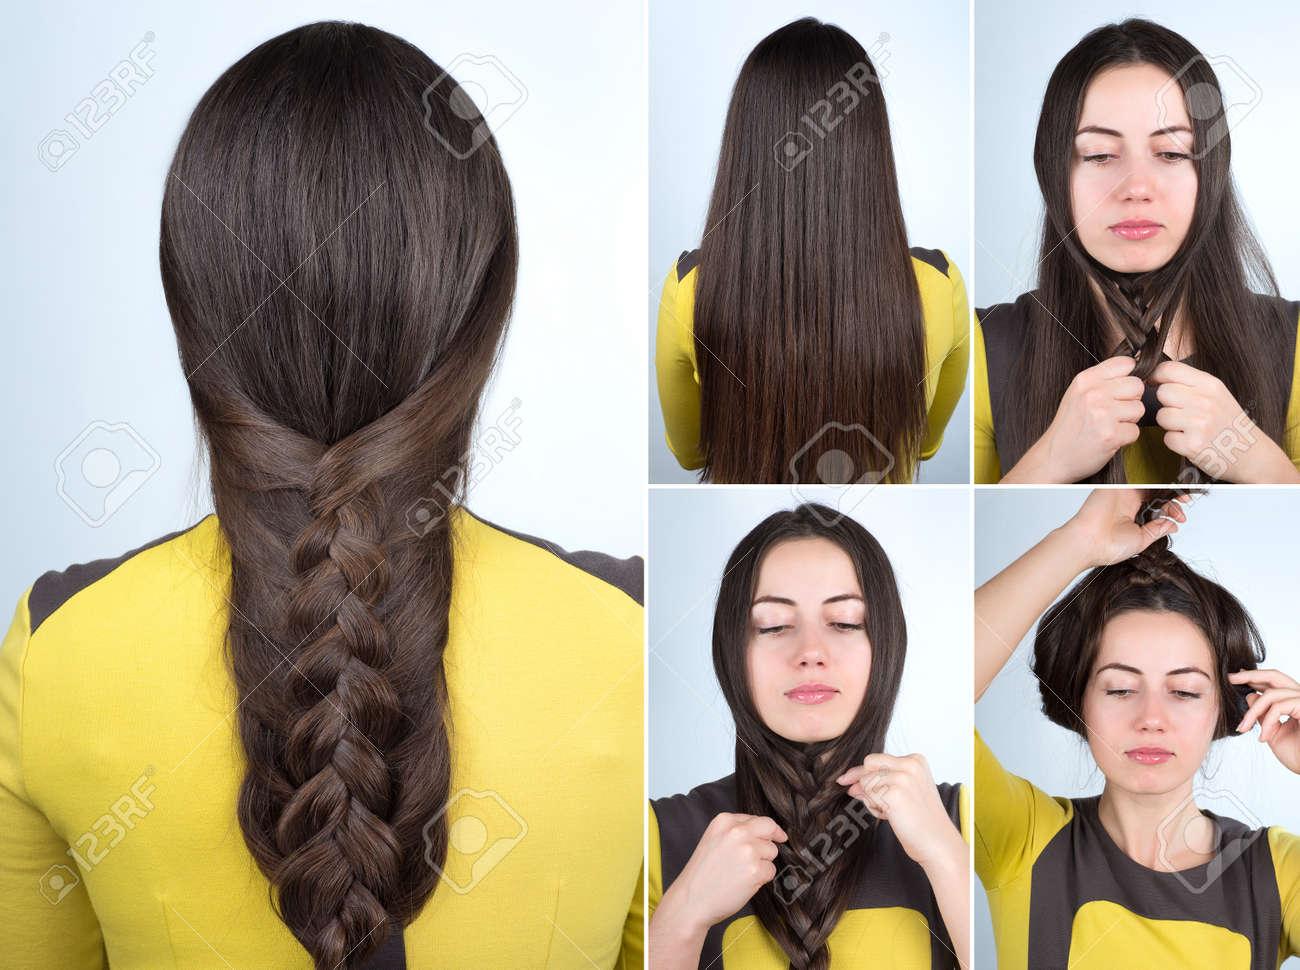 Einfache Zopf Frisur Tutorial Plait Frisur Für Lange Haare